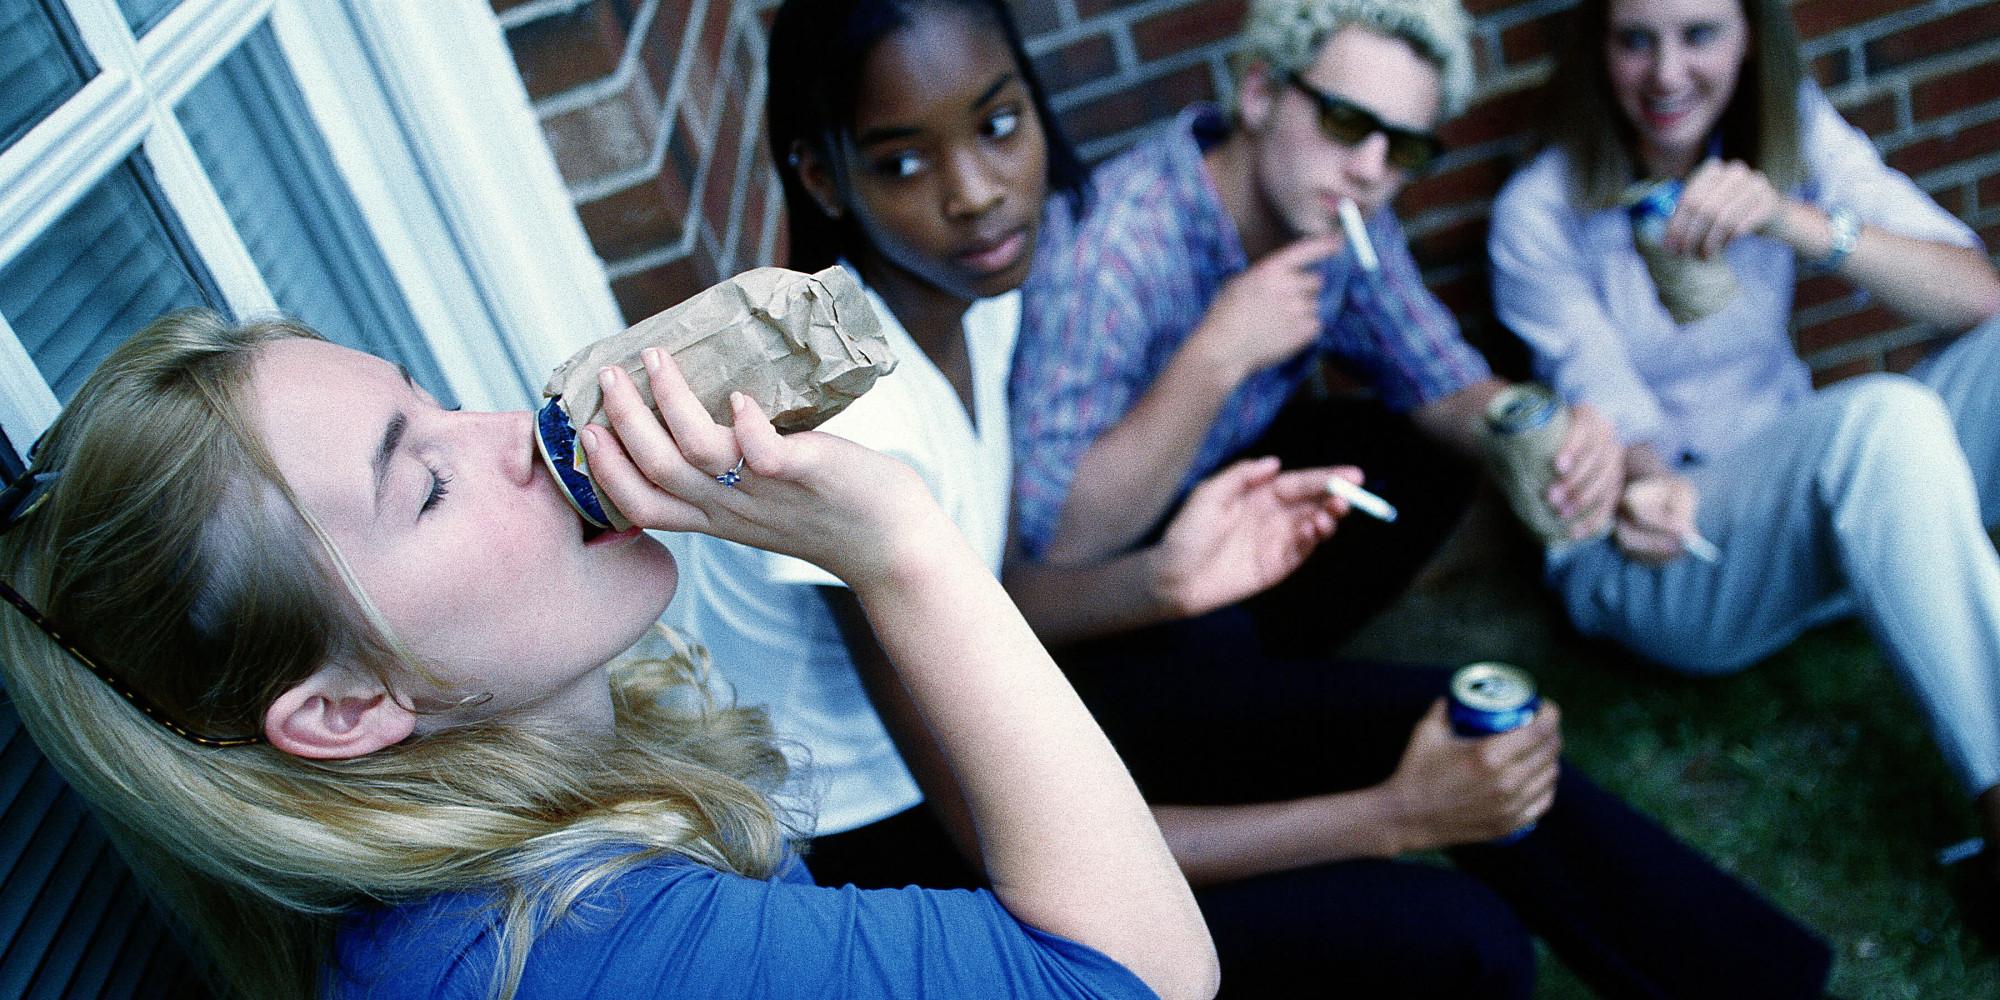 New Drug Trend Finds Is Way To Sa Sedibeng Ster